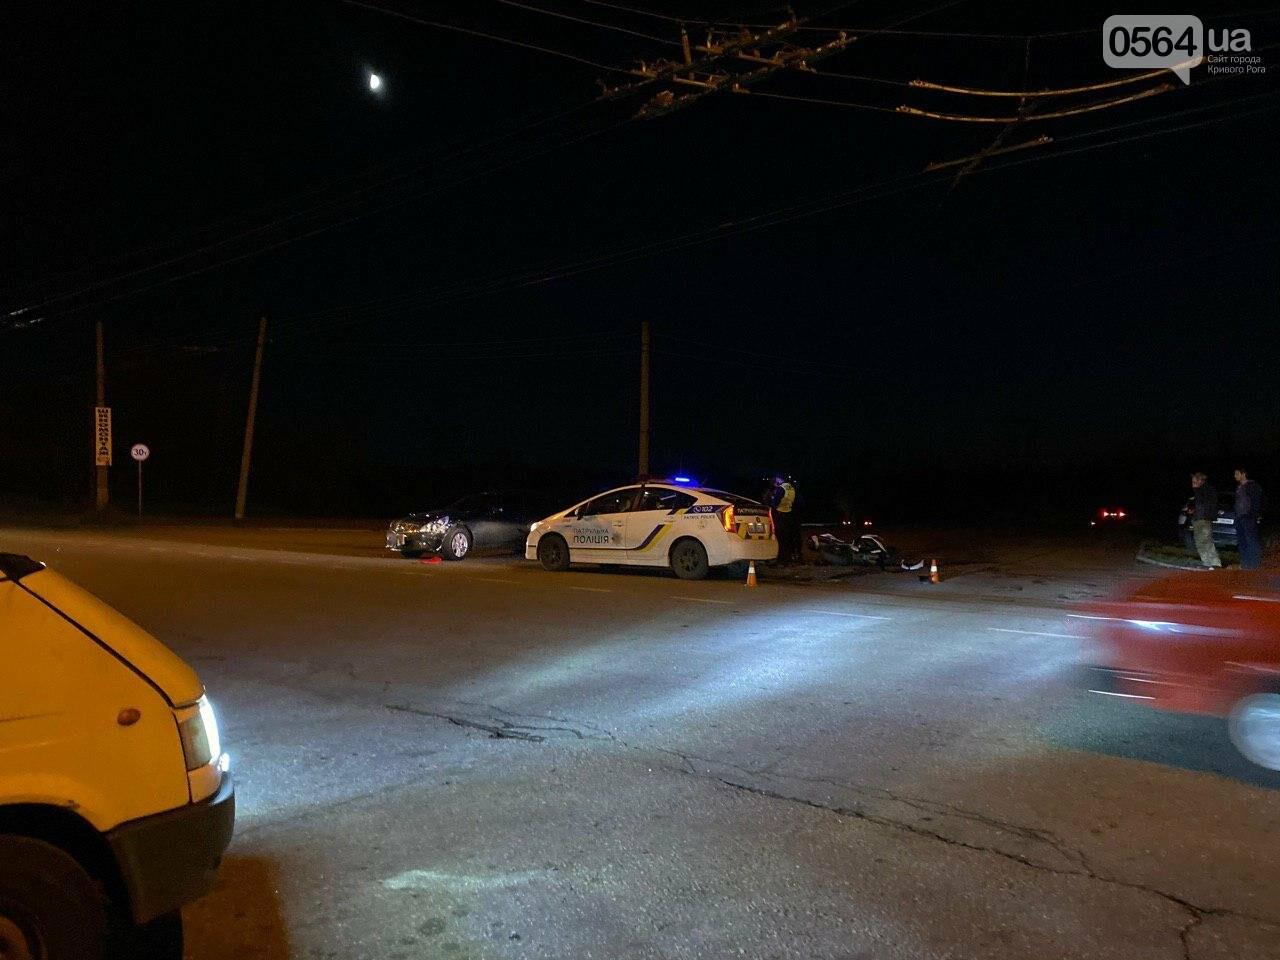 Тройное ДТП в Кривом Роге - дорогу не поделили мотоцикл и две легковушки. Есть пострадавшие, - ФОТО, ВИДЕО, фото-17